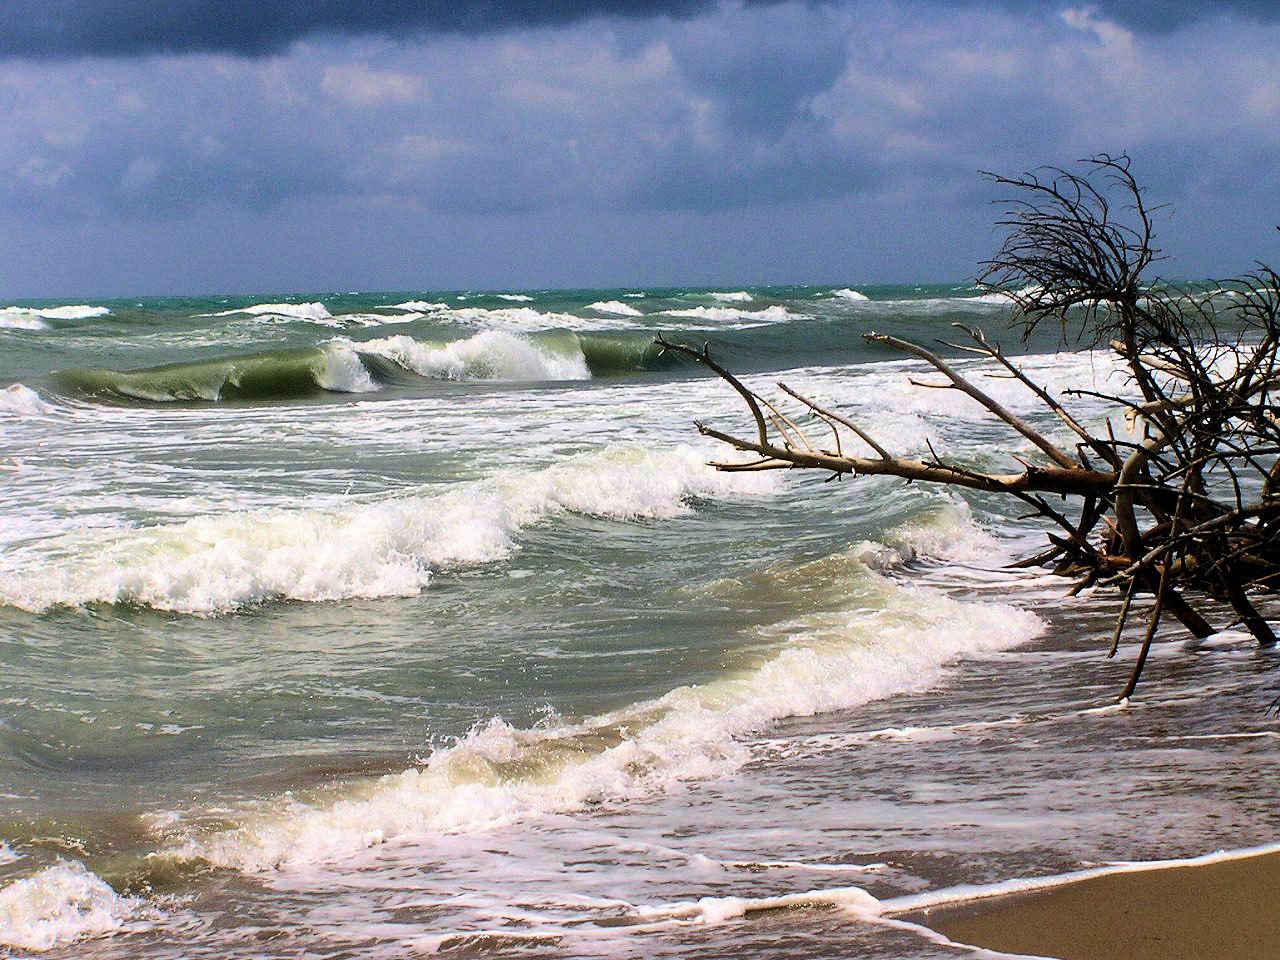 Alberese il mare.jpg